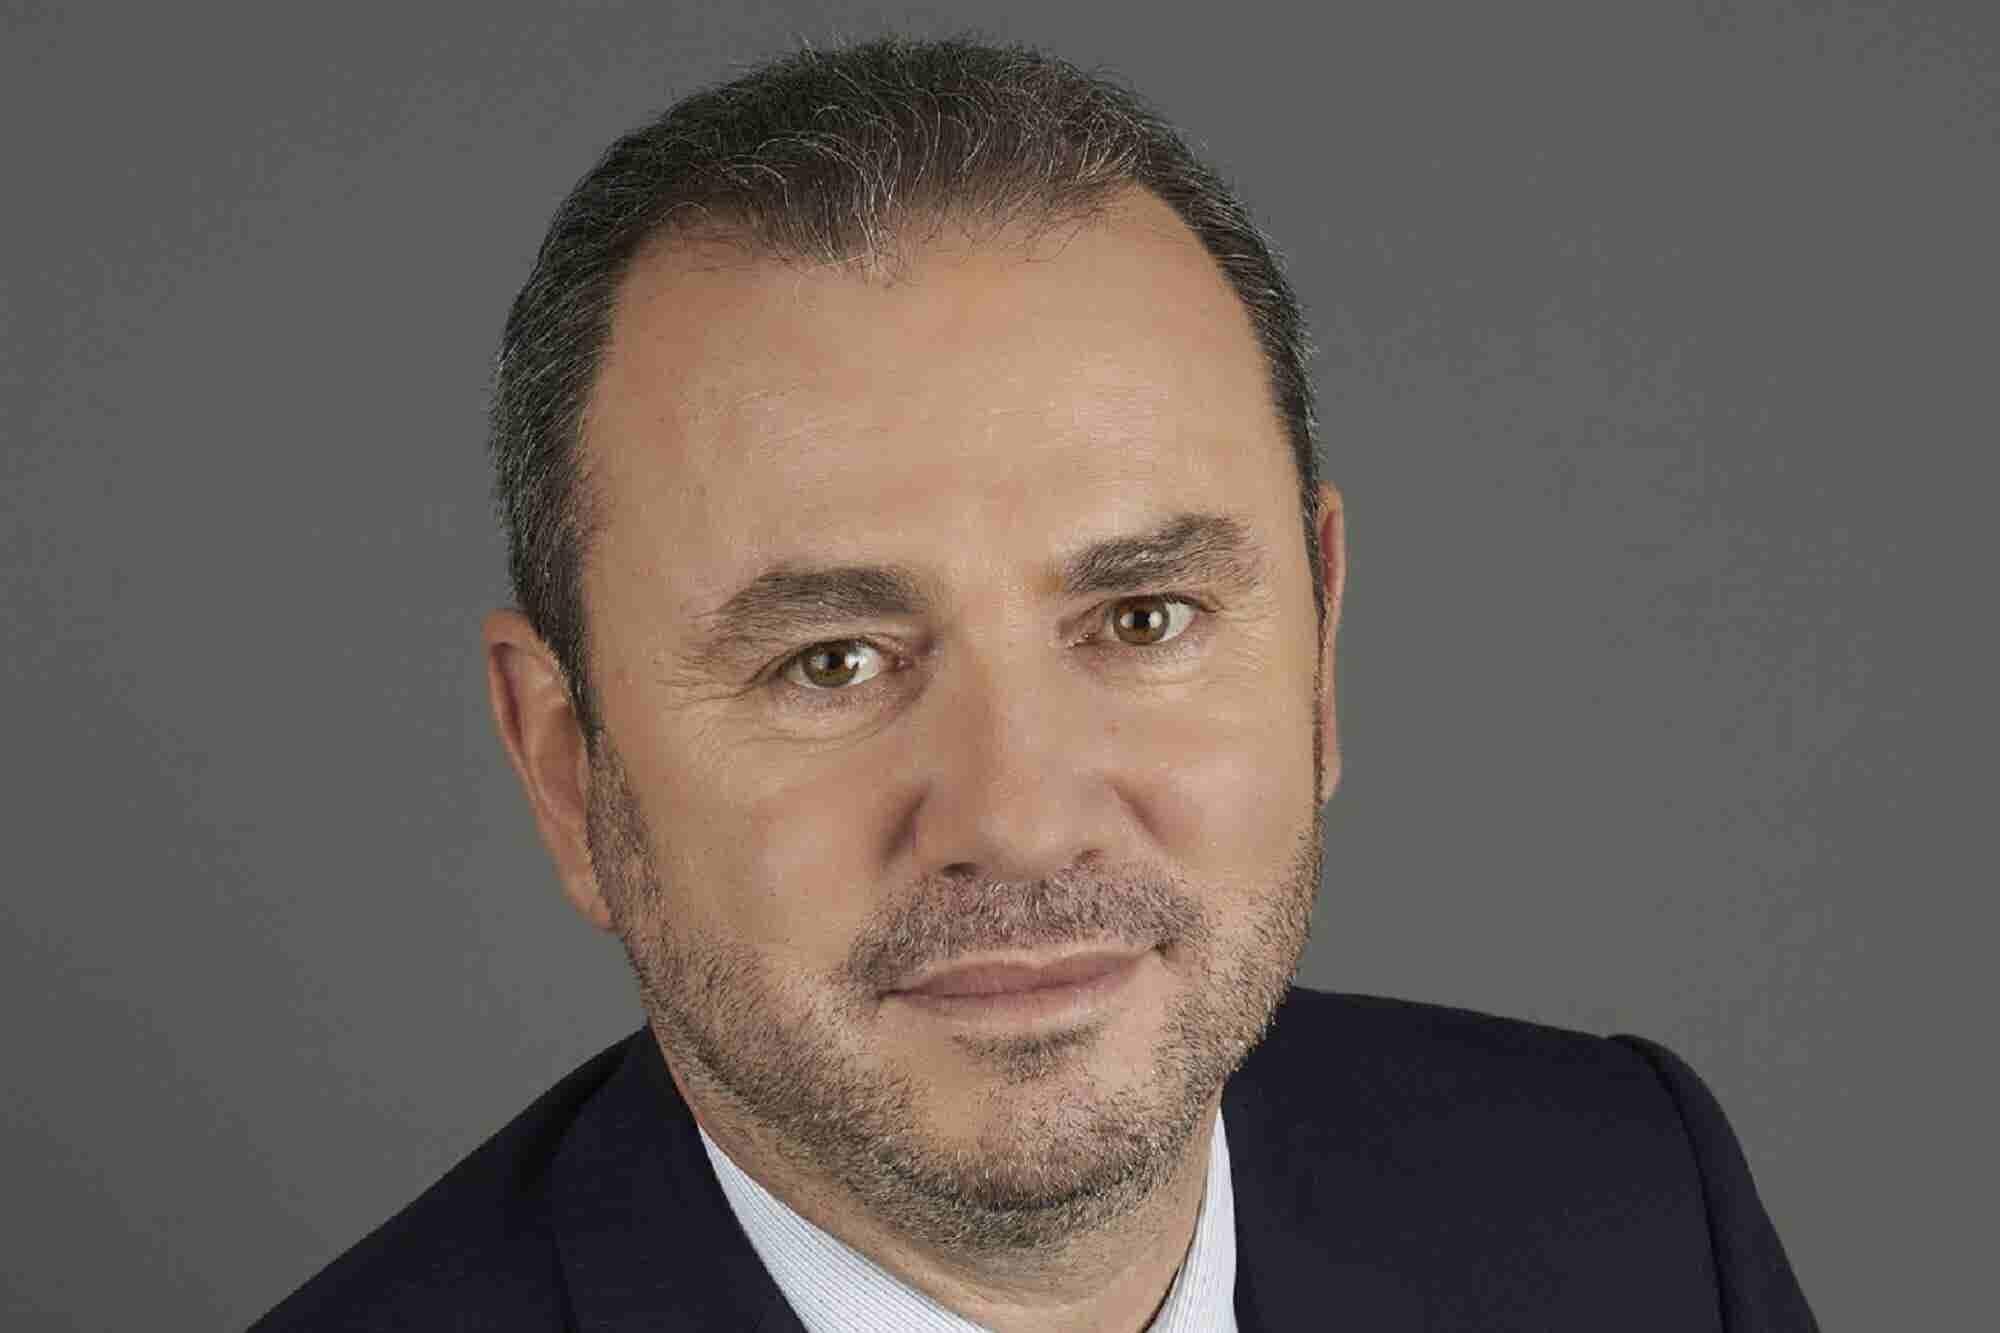 Building Bridges: Christophe Lecourtier, CEO, Business France